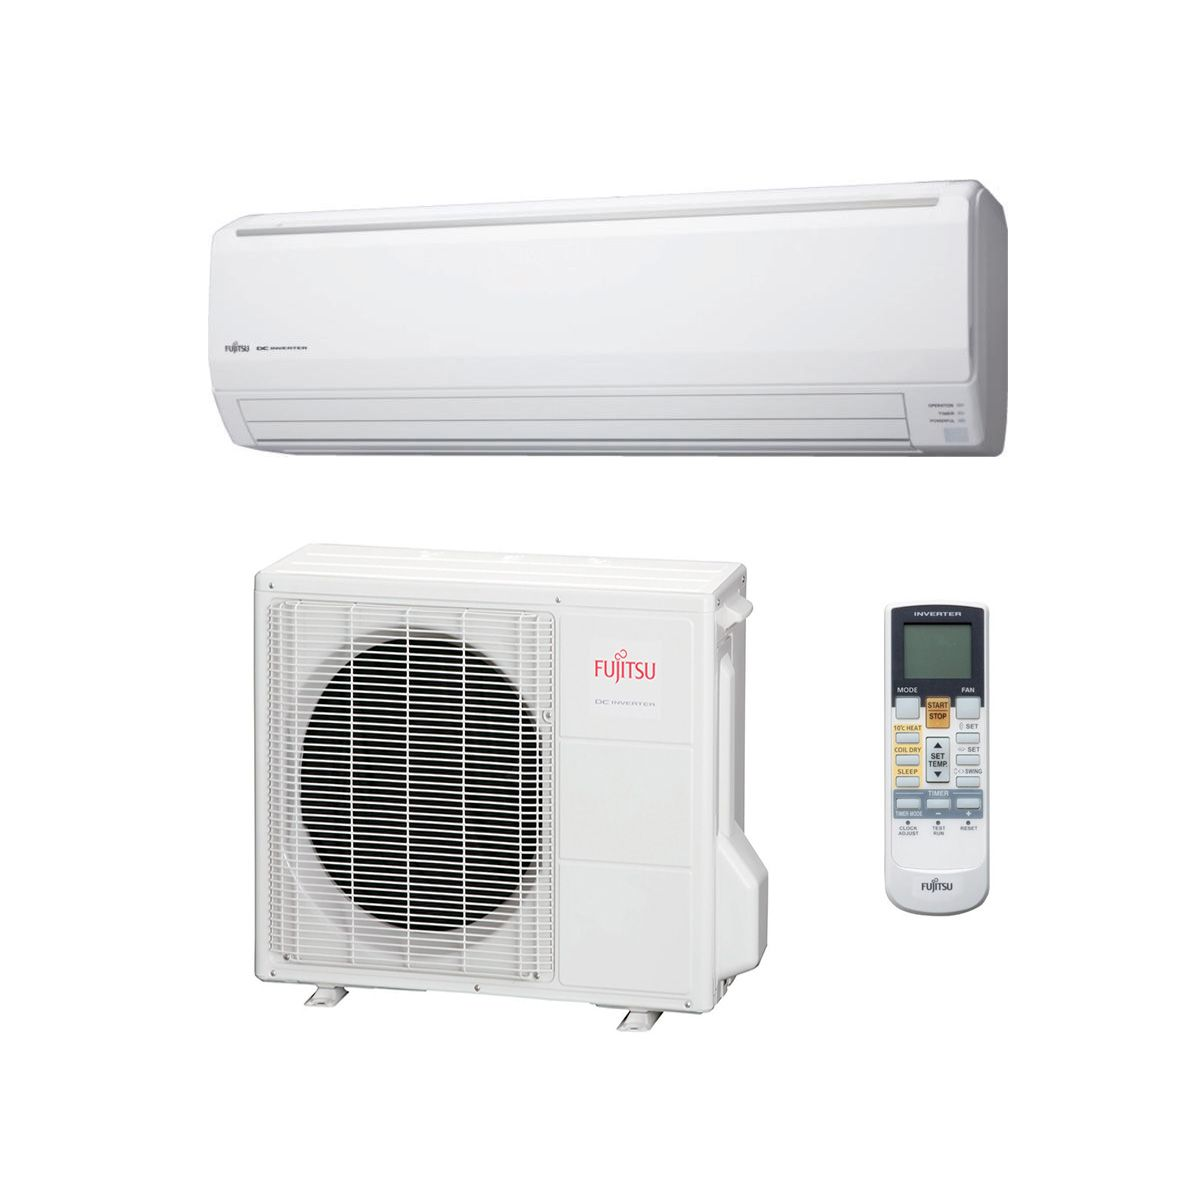 Fujitsu Air Conditioning Asyg30lmta Wall Mounted Heat Pump